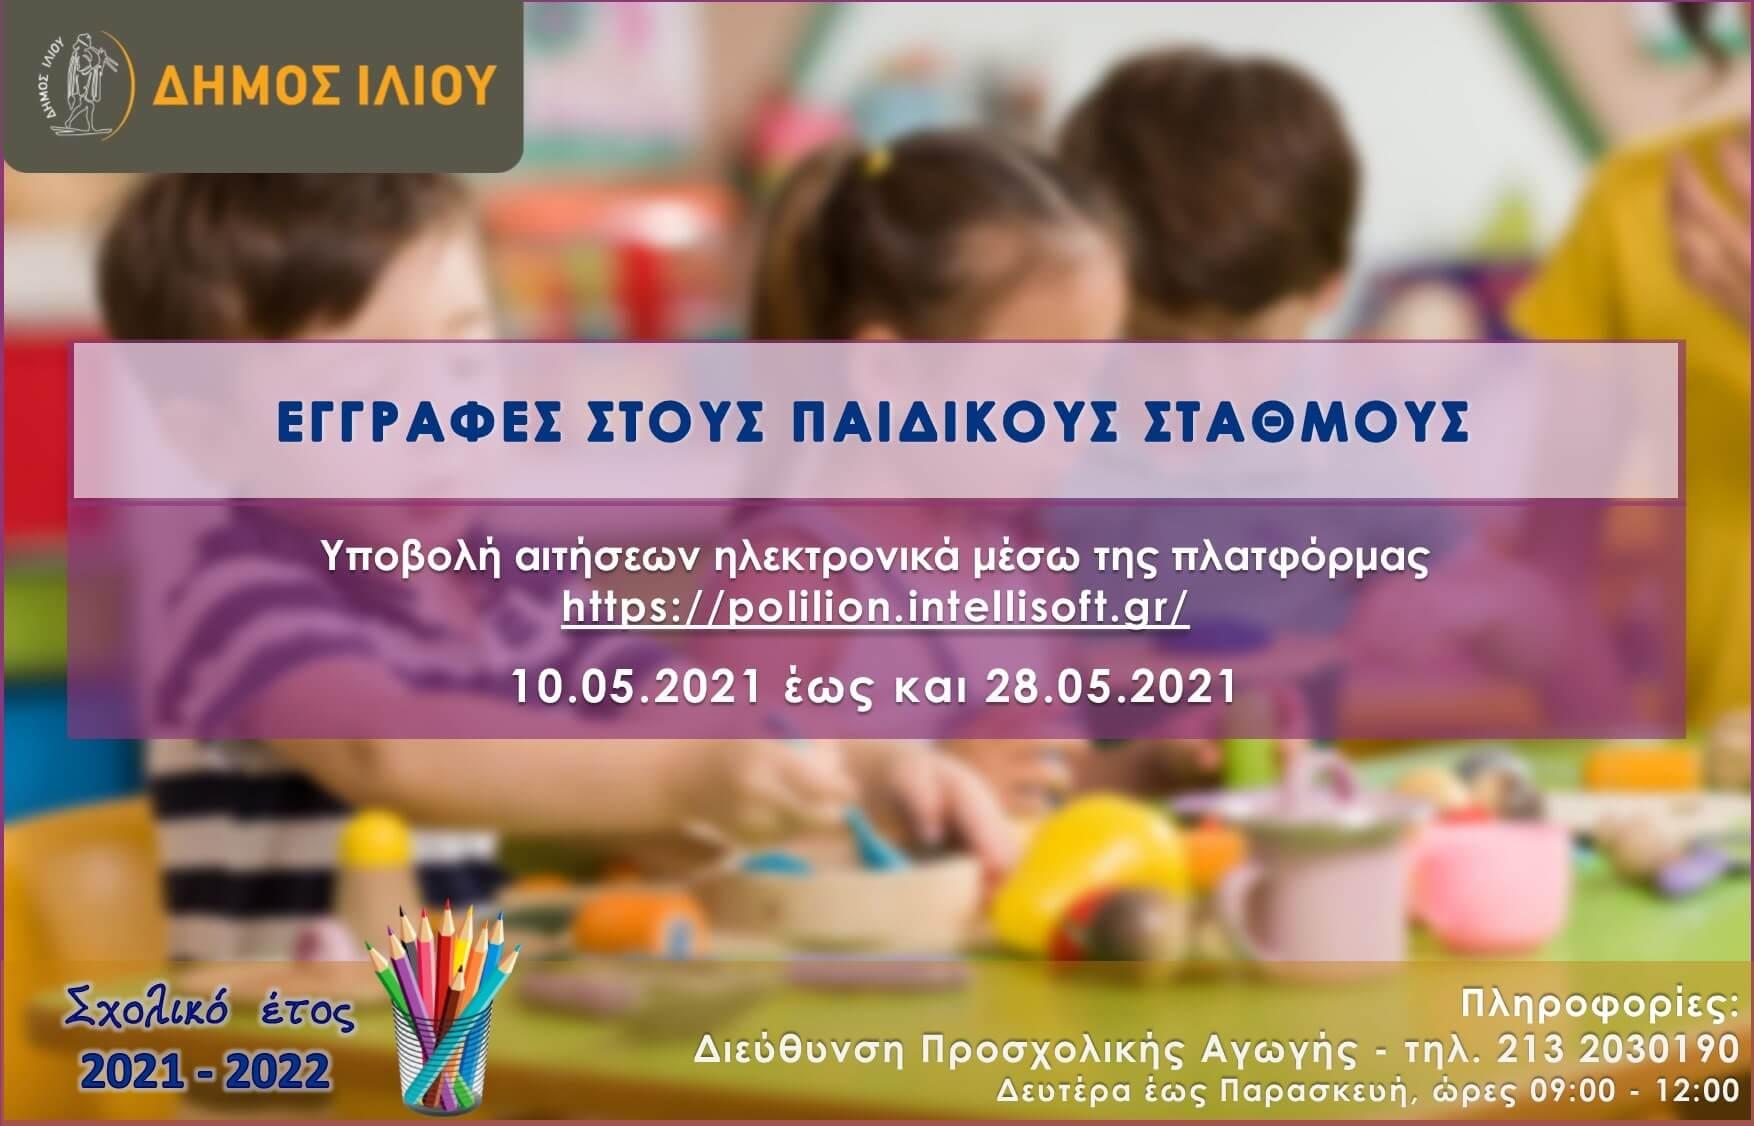 Εγγραφές στους Παιδικούς Σταθμούς του Δήμου Ιλίου για το σχολικό έτος 2021-2022